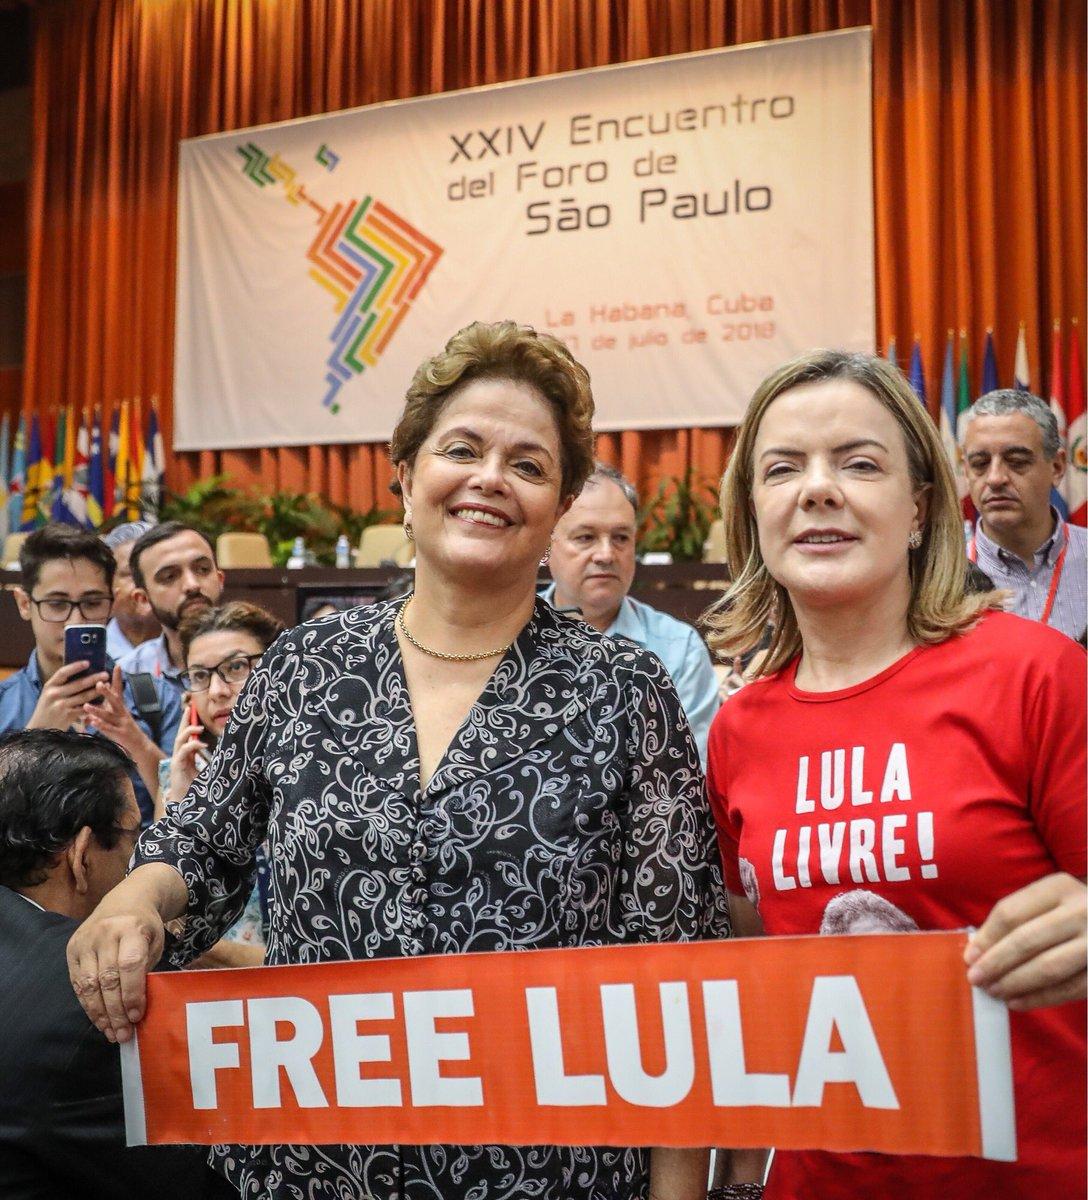 Dilma e @gleisi agradecem a solidariedade internacional a @LulapeloBrasil dada por militantes sociais de todo o mundo #ForodeSaoPaulono , reunidos em Havana, Cuba. #